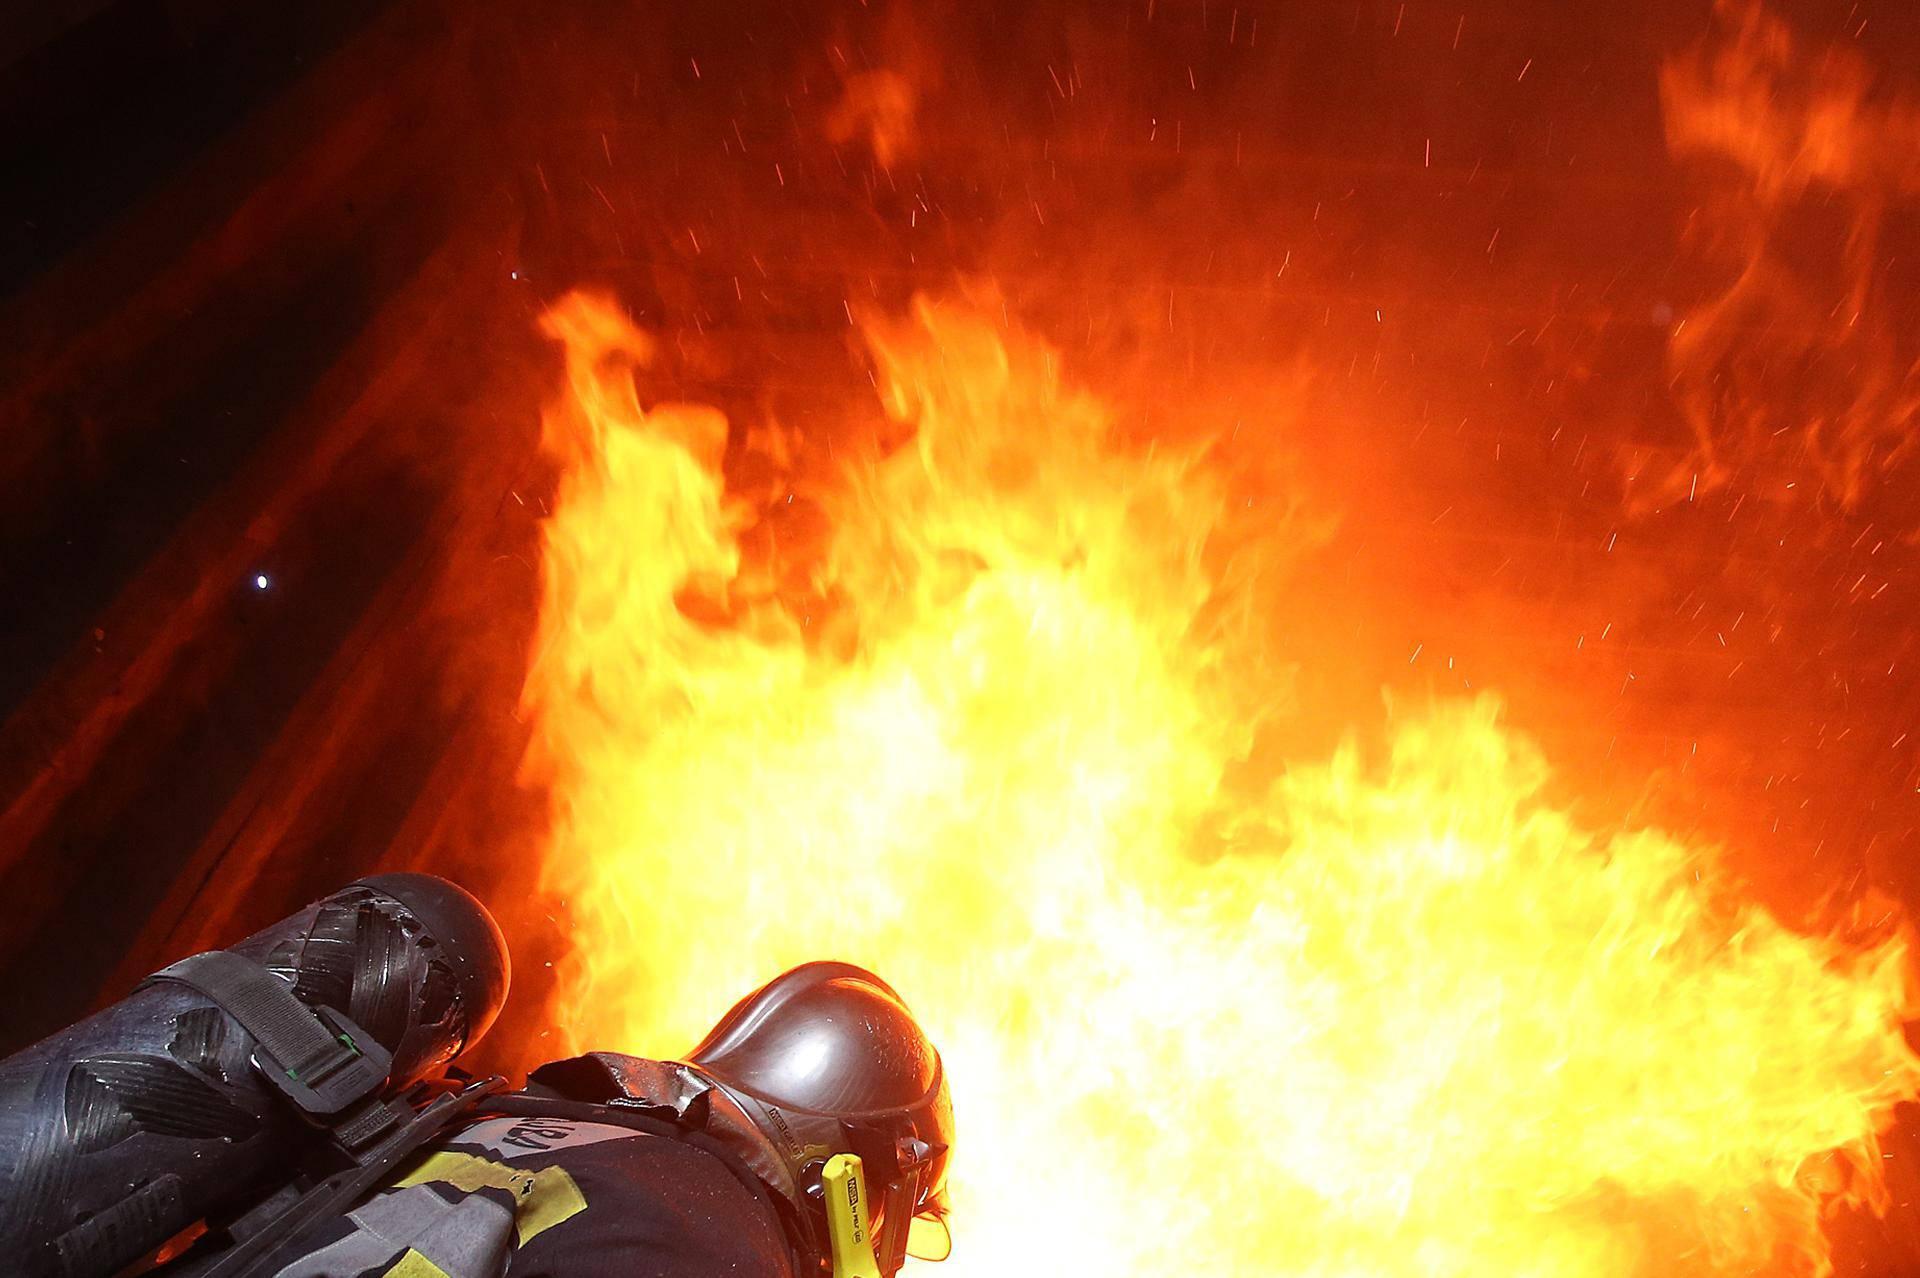 U slučaju požara: 7 smjernica kako spasiti život sebe i drugih